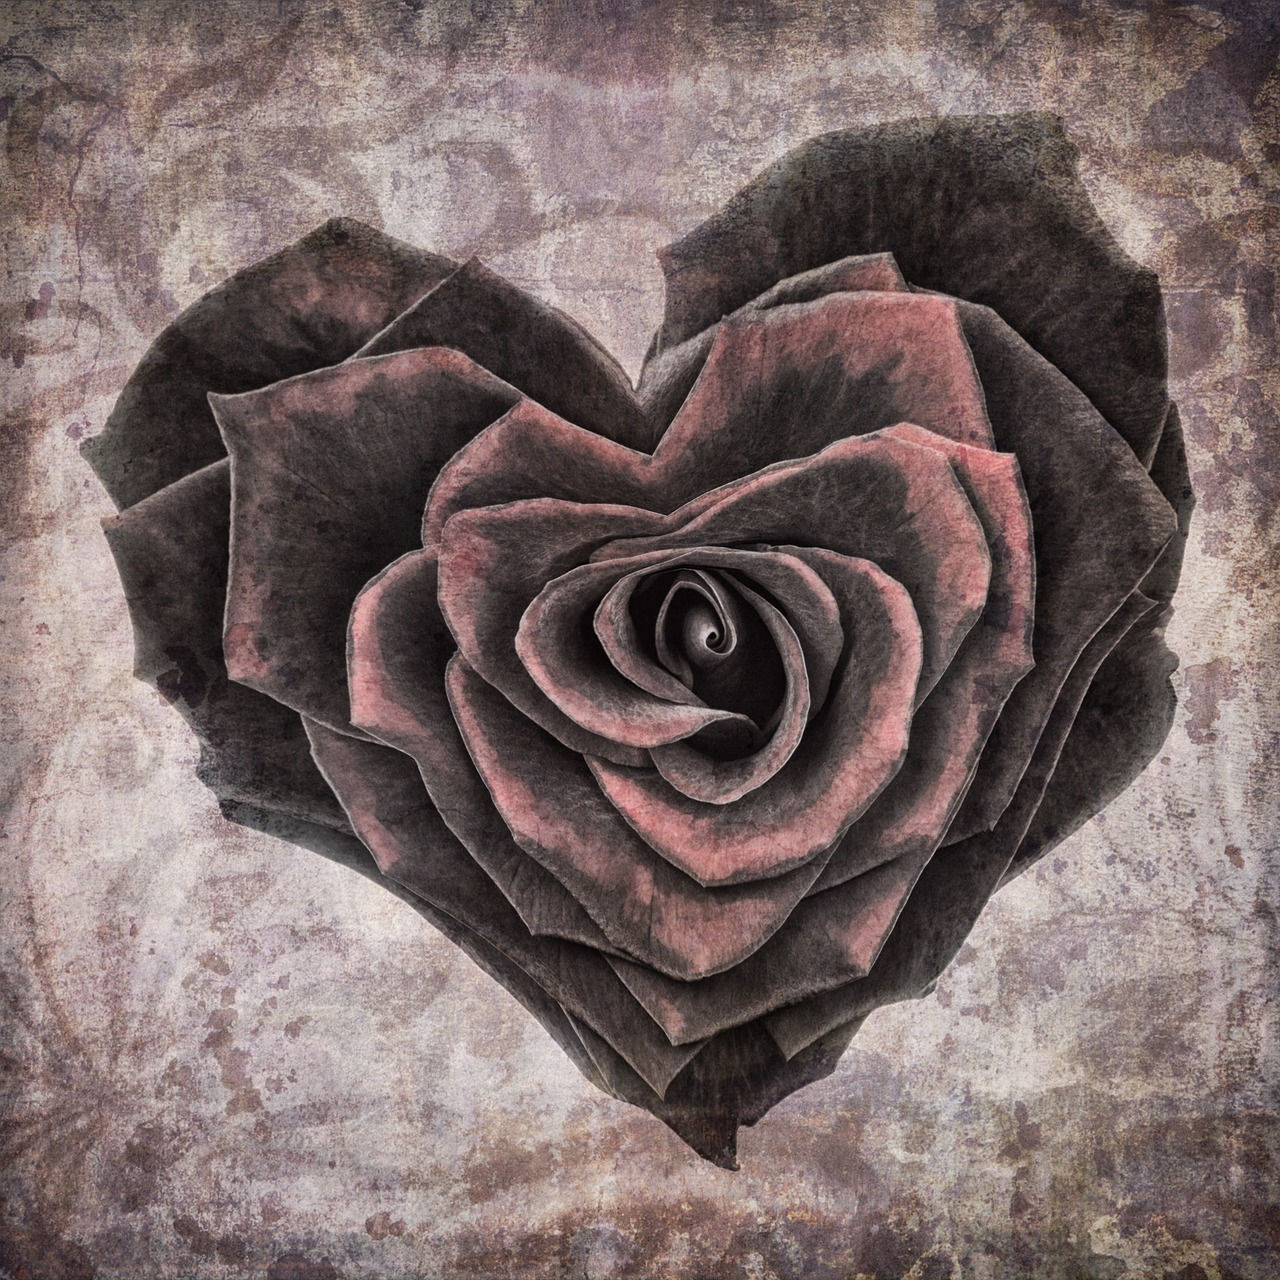 heart-1205291_1280.jpg